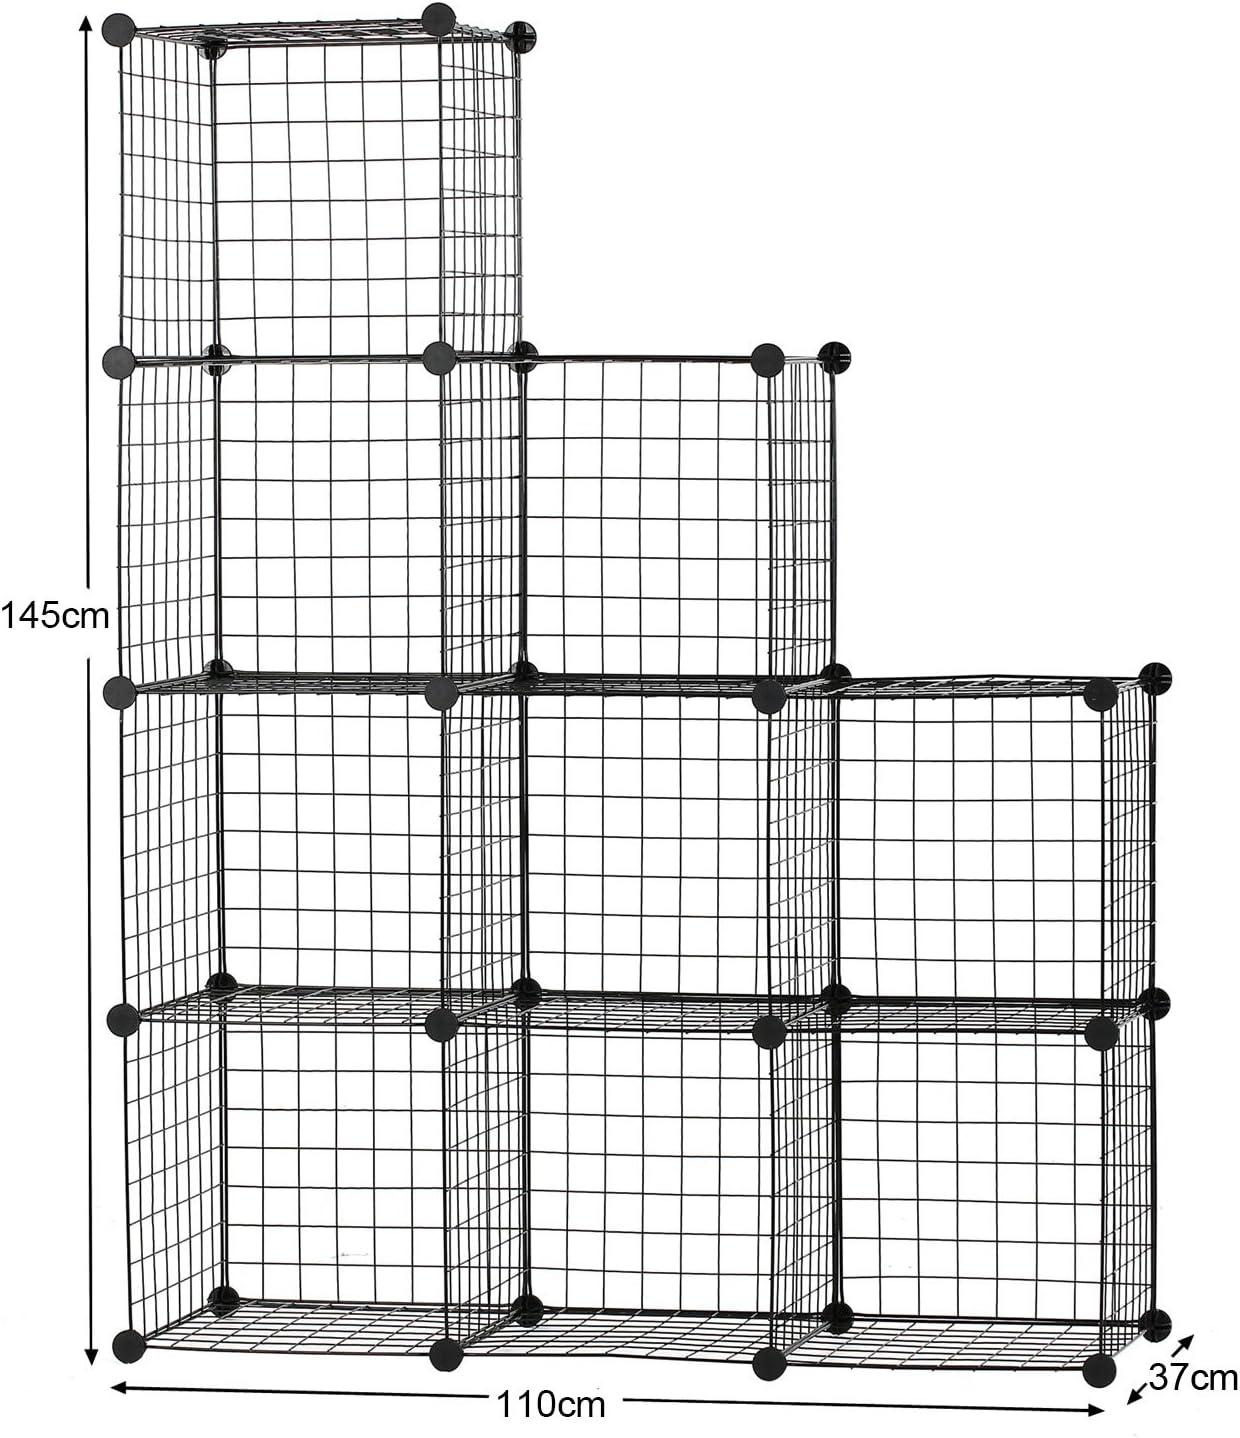 libros 110 cm x 37 cm x 145 cm cubos modulares BASTUO 9 cubos de almacenamiento de alambre para librer/ía color negro armario para juguetes ropa estanter/ía